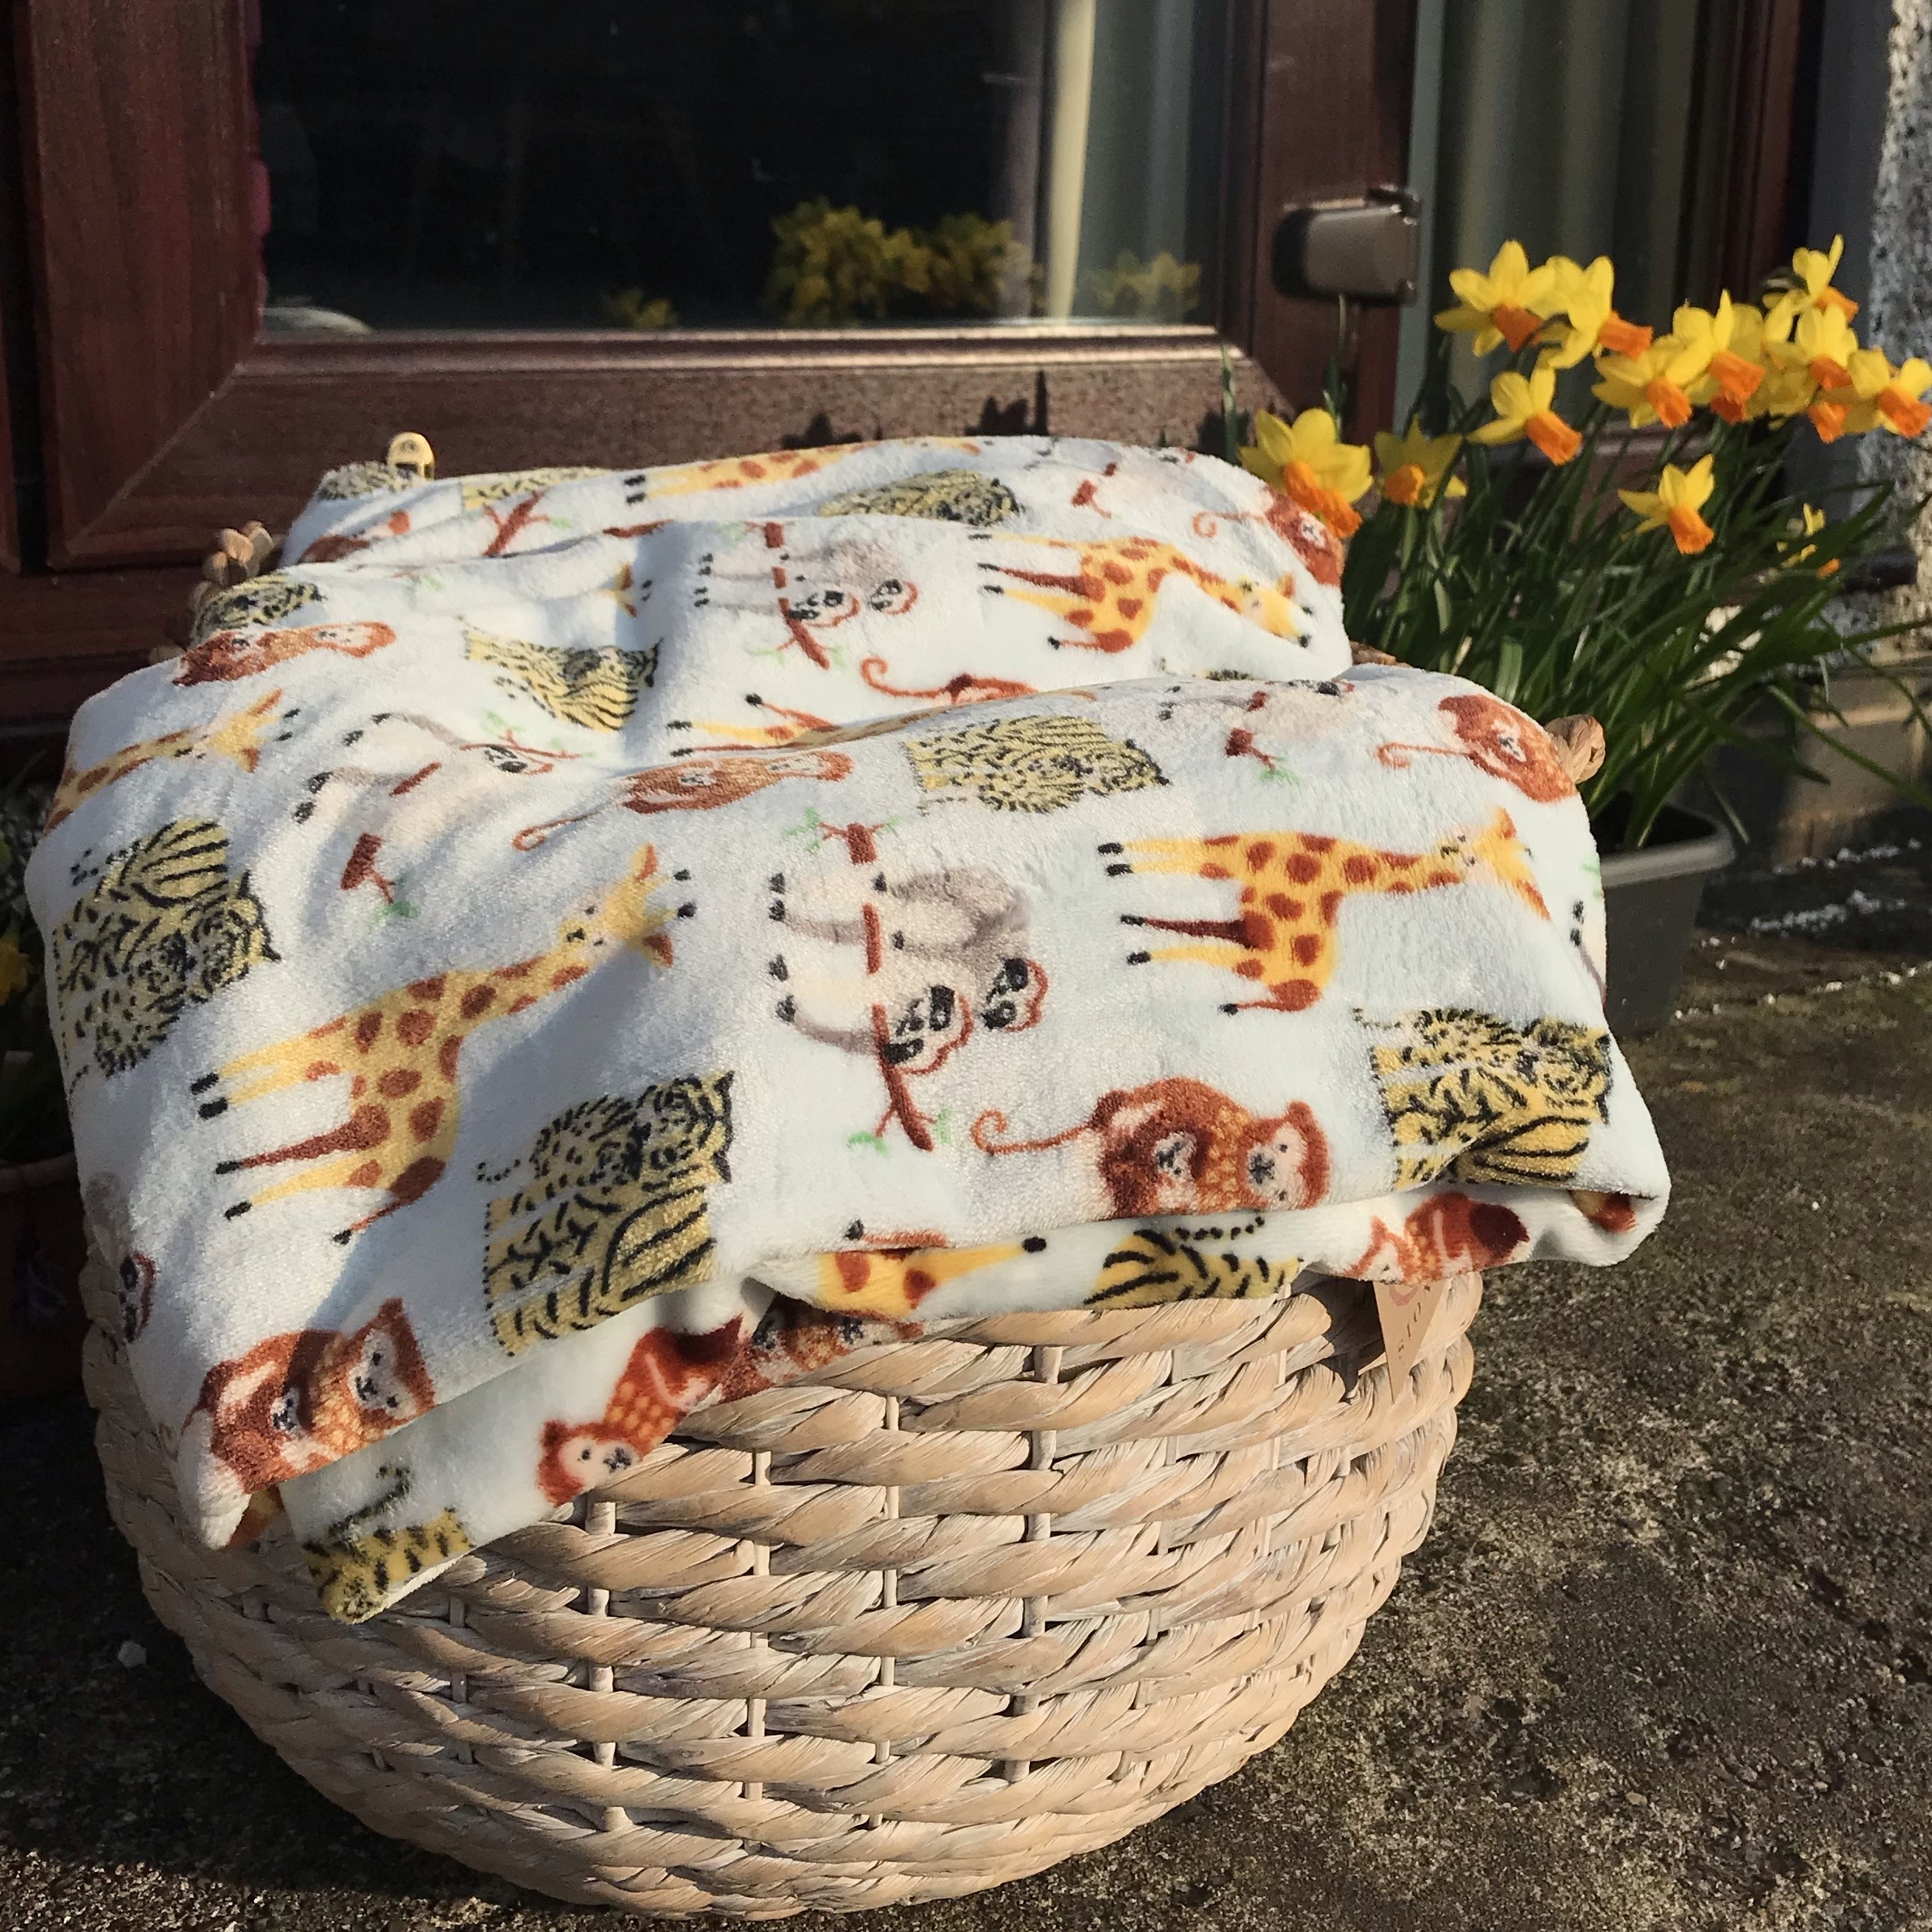 Safari Print Blanket